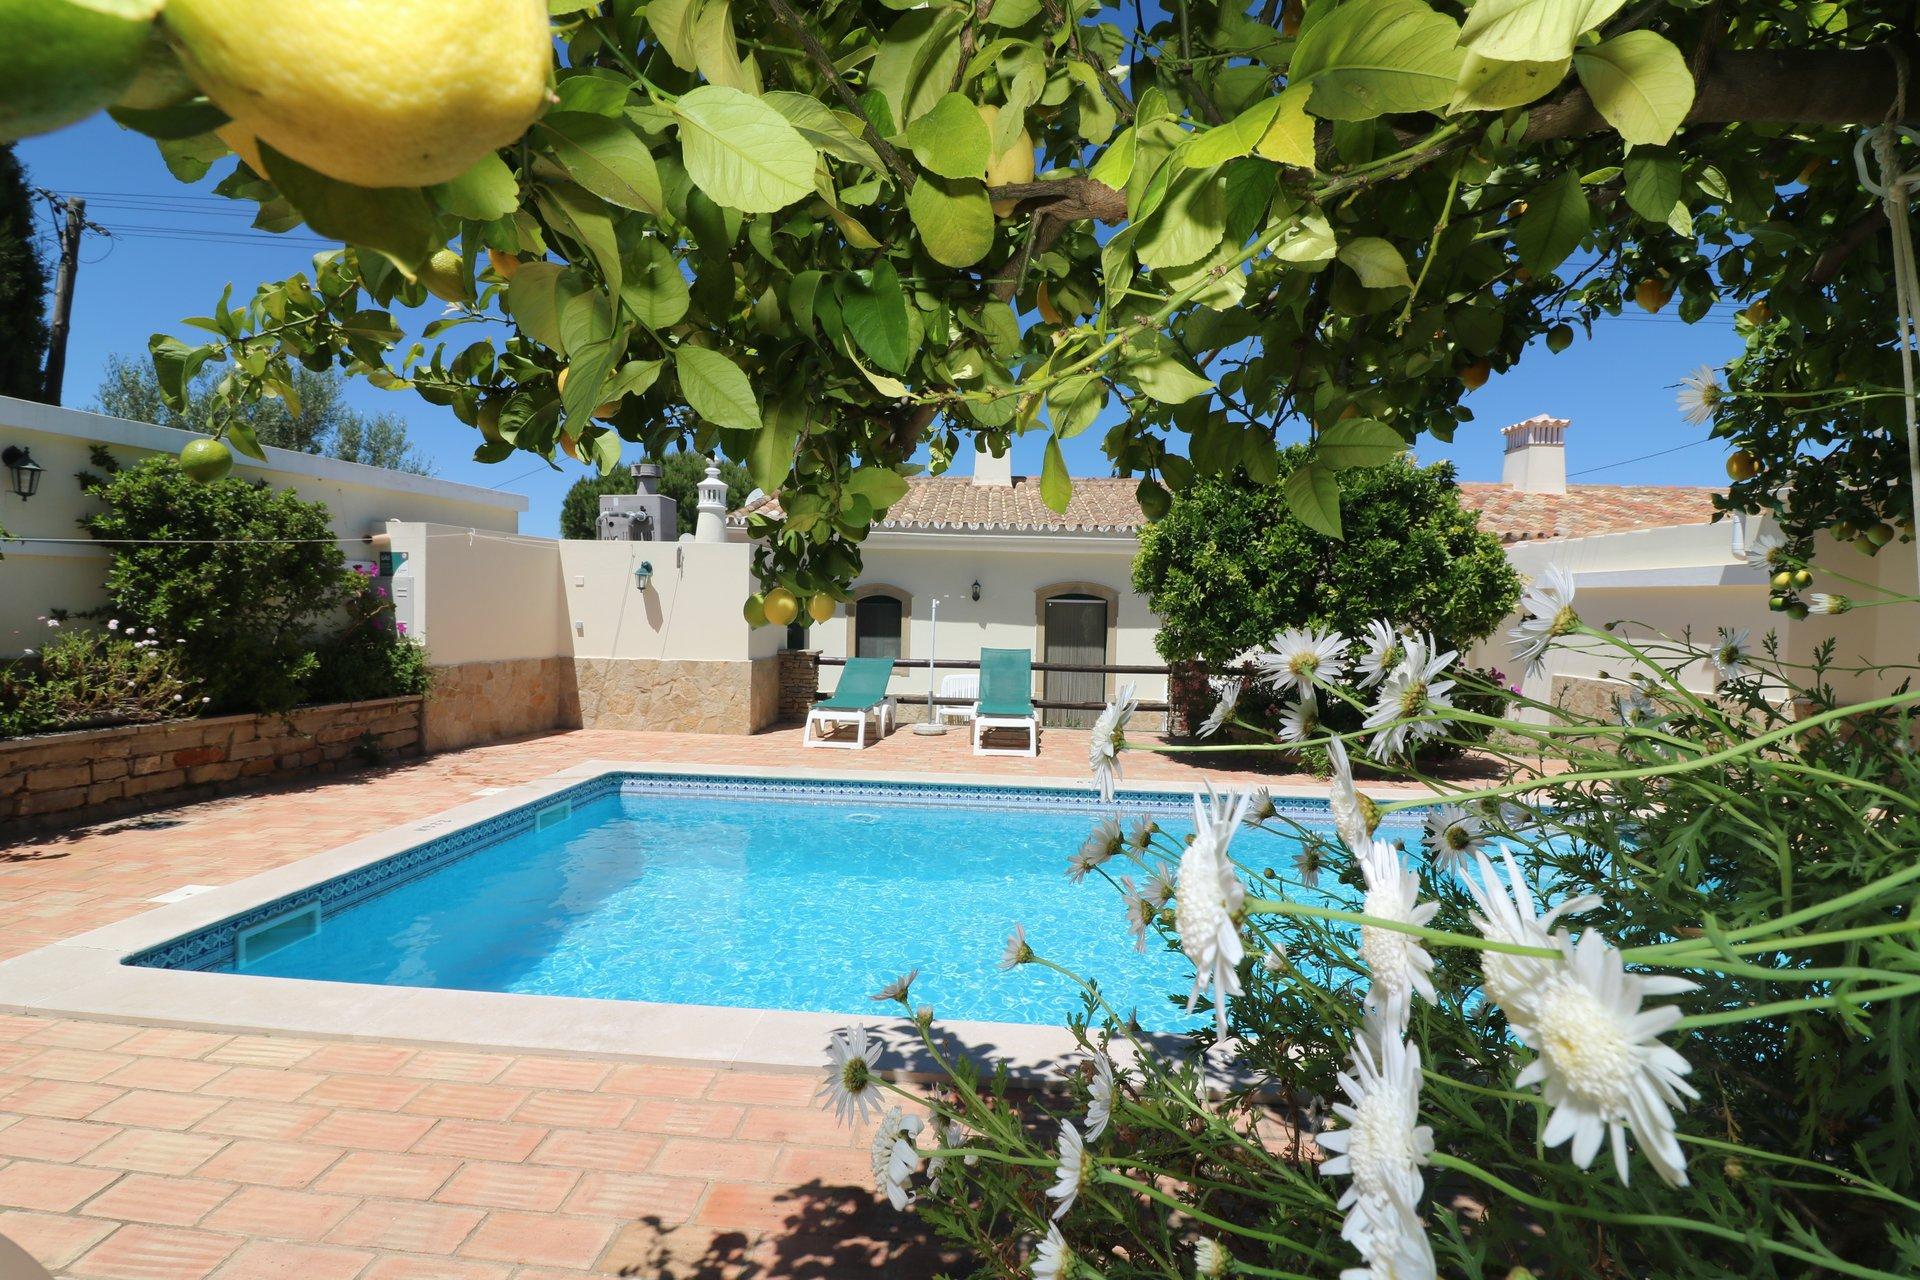 2 Bedroom Villa Sao Bras de Alportel, Central Algarve Ref: JV10355